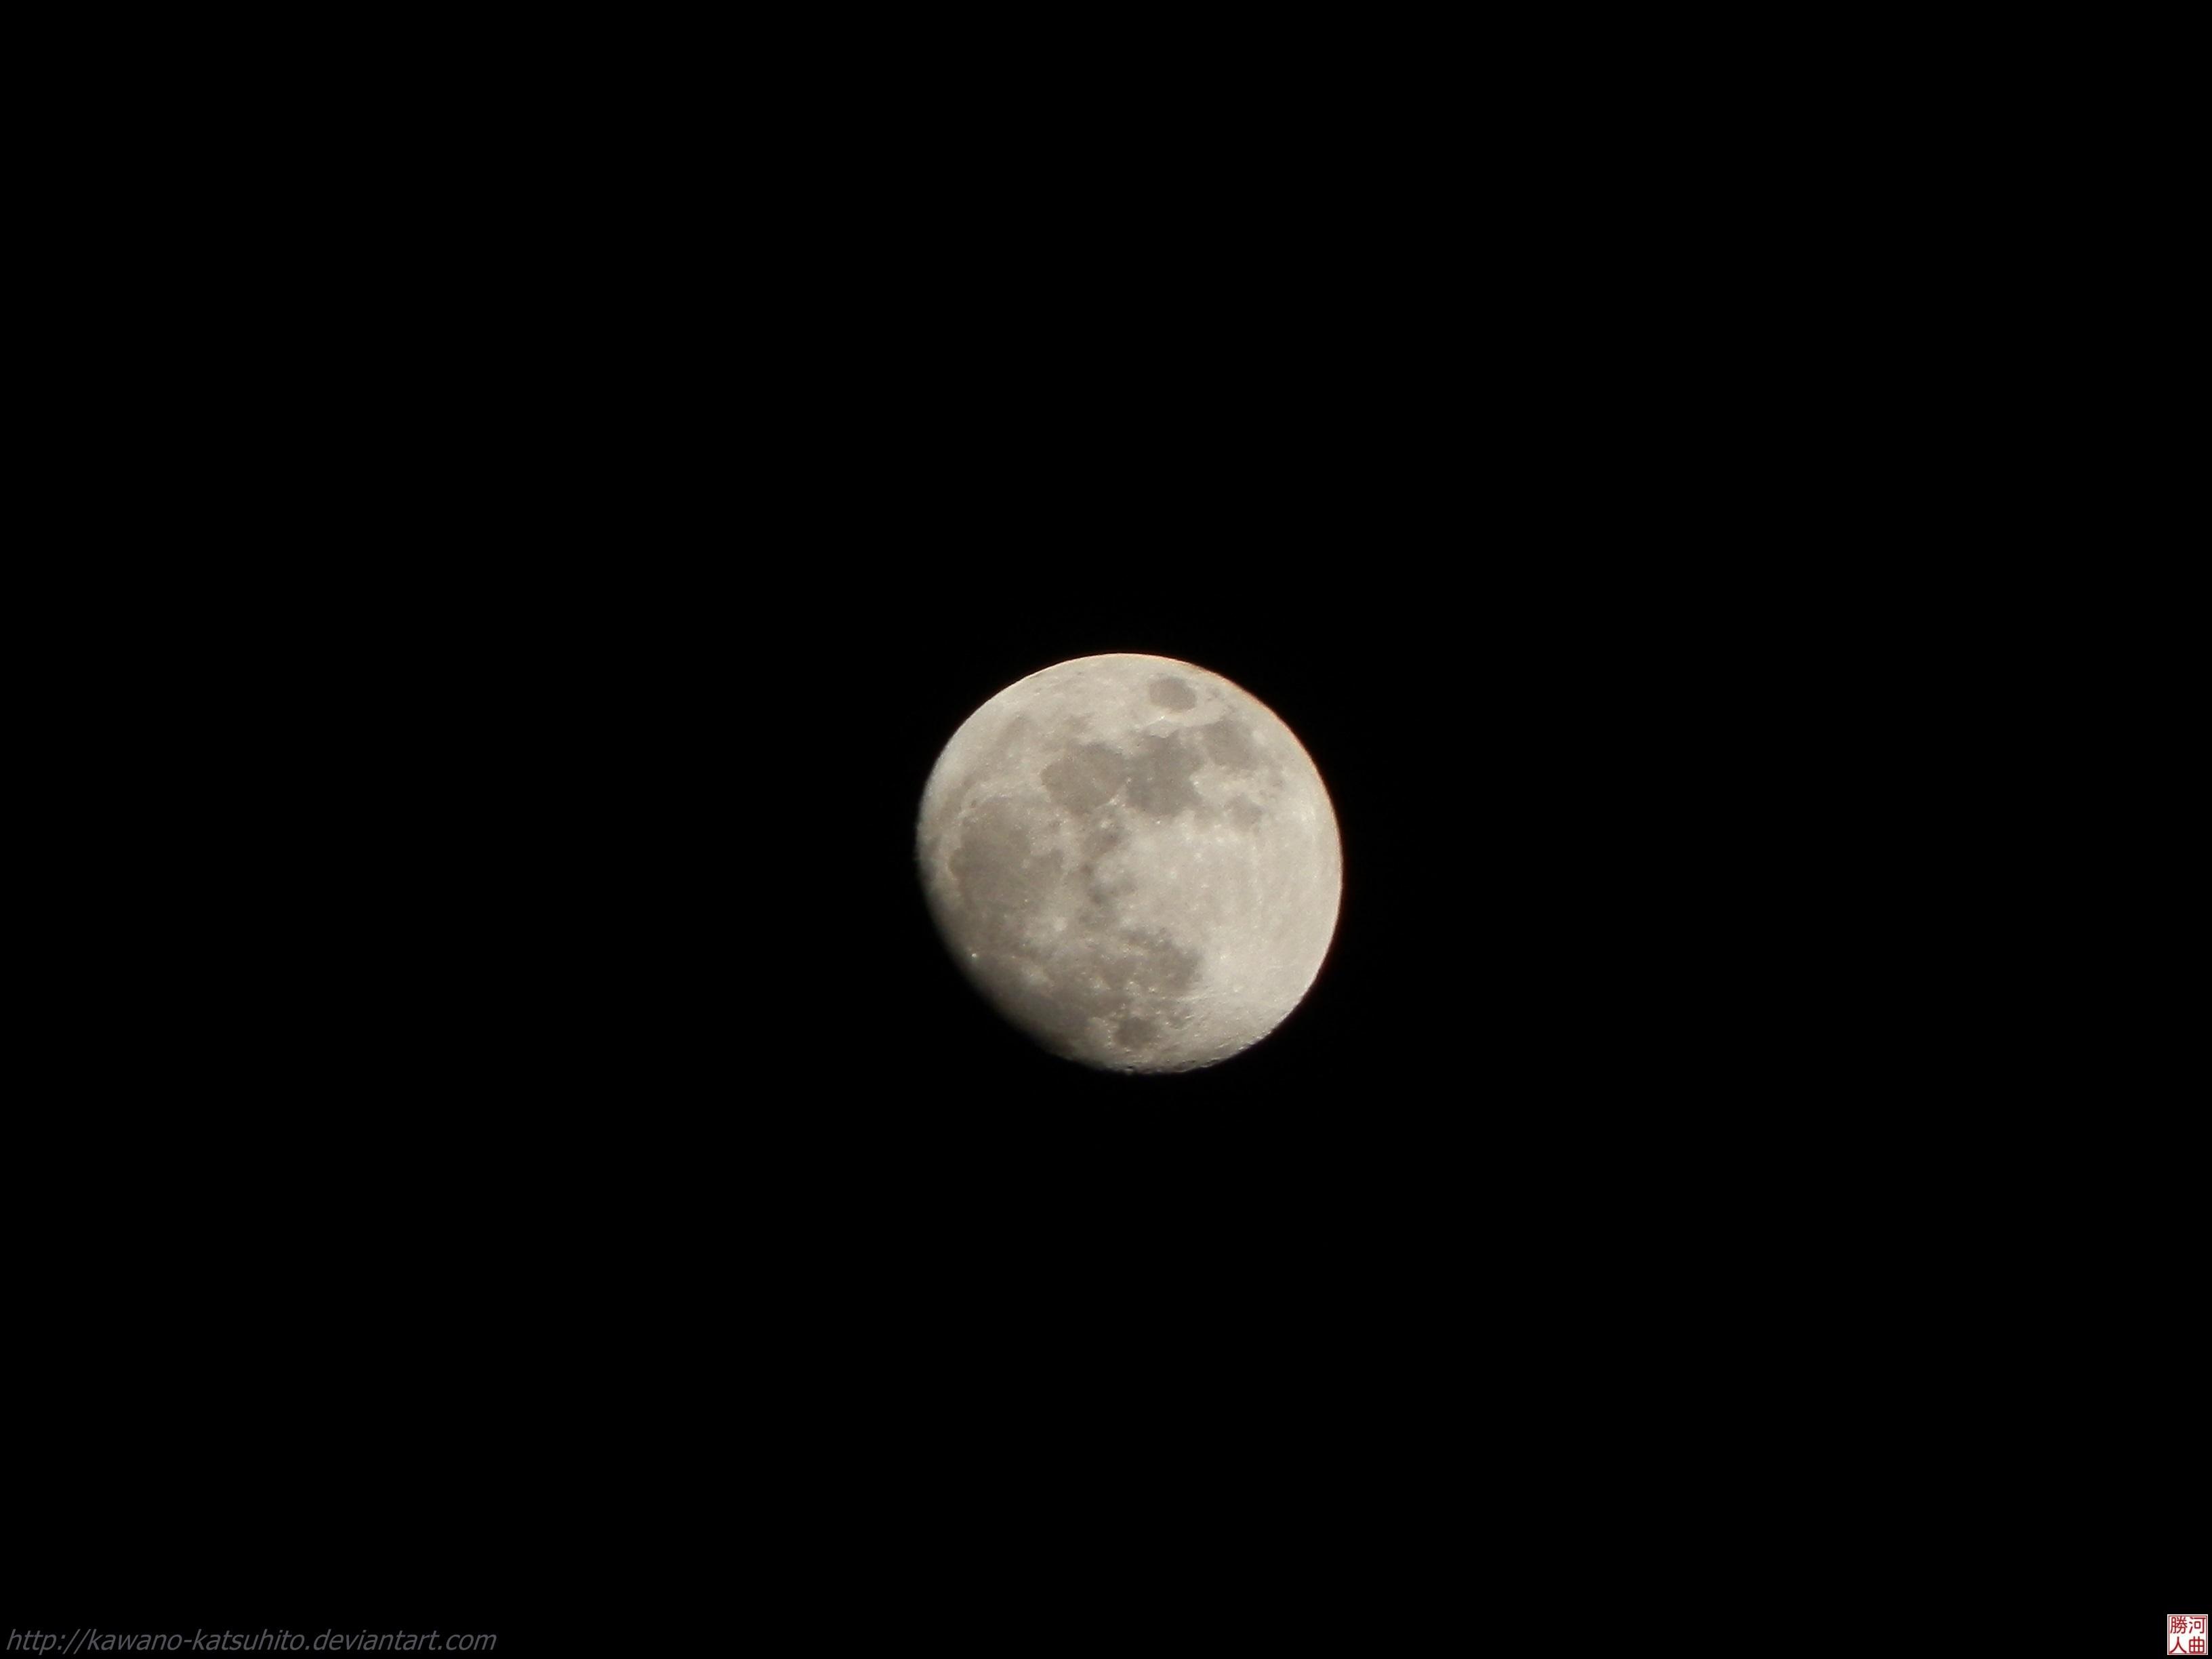 Moon at night by kawano-katsuhito